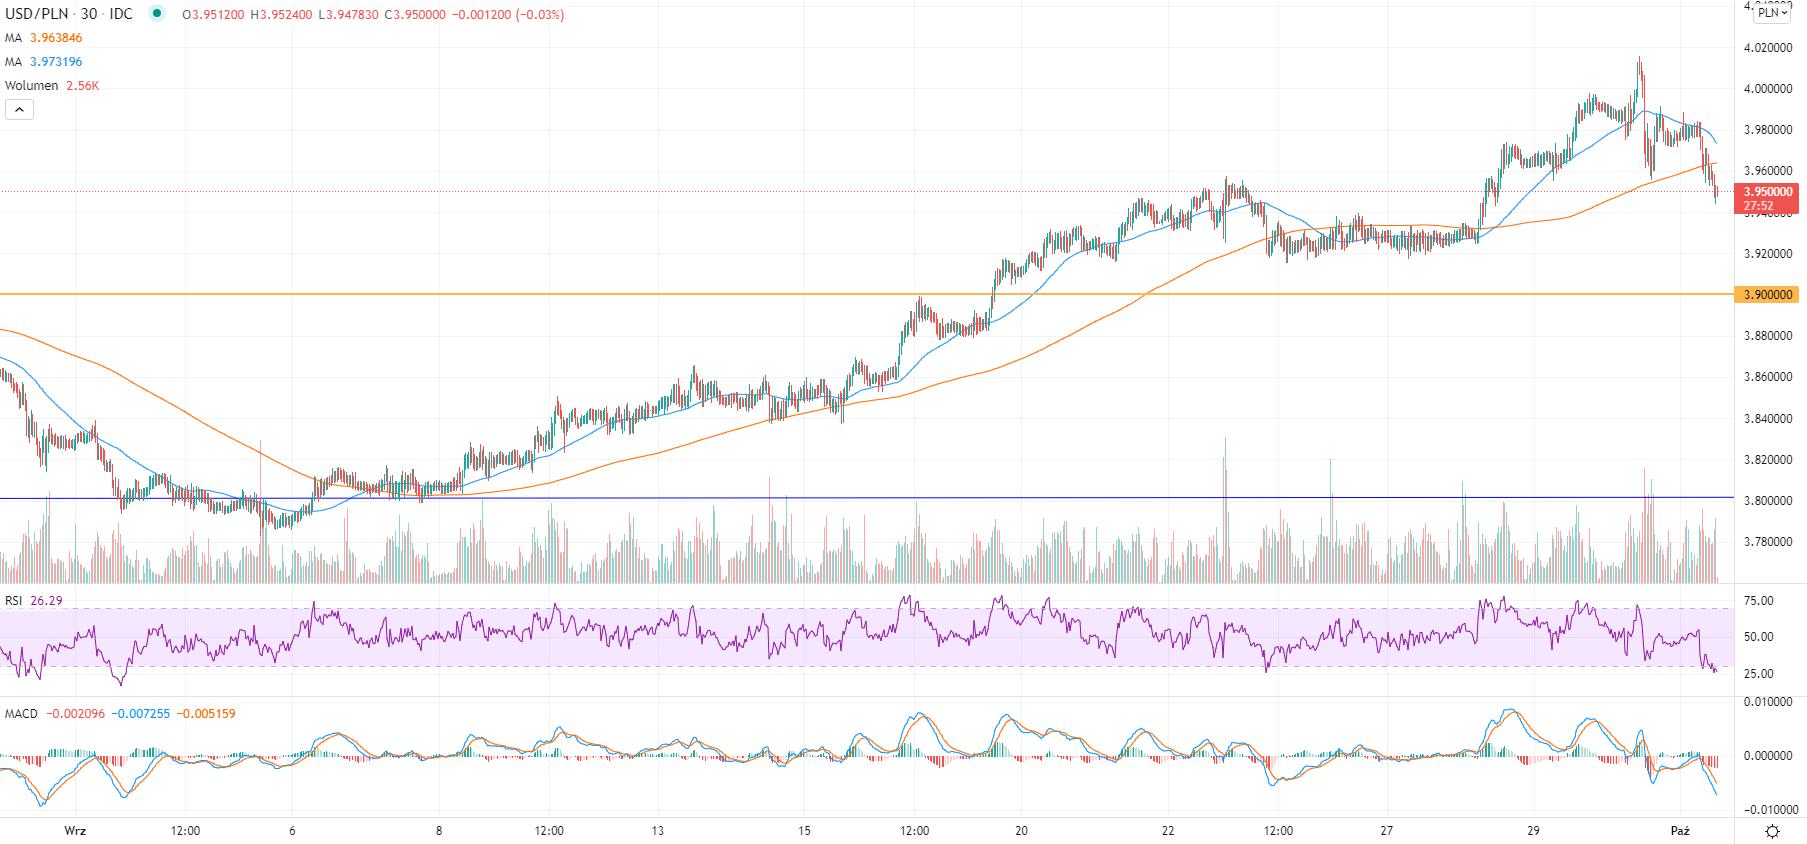 Kurs dolara w mocnej korekcie. Gdzie zatrzymają się spadki?